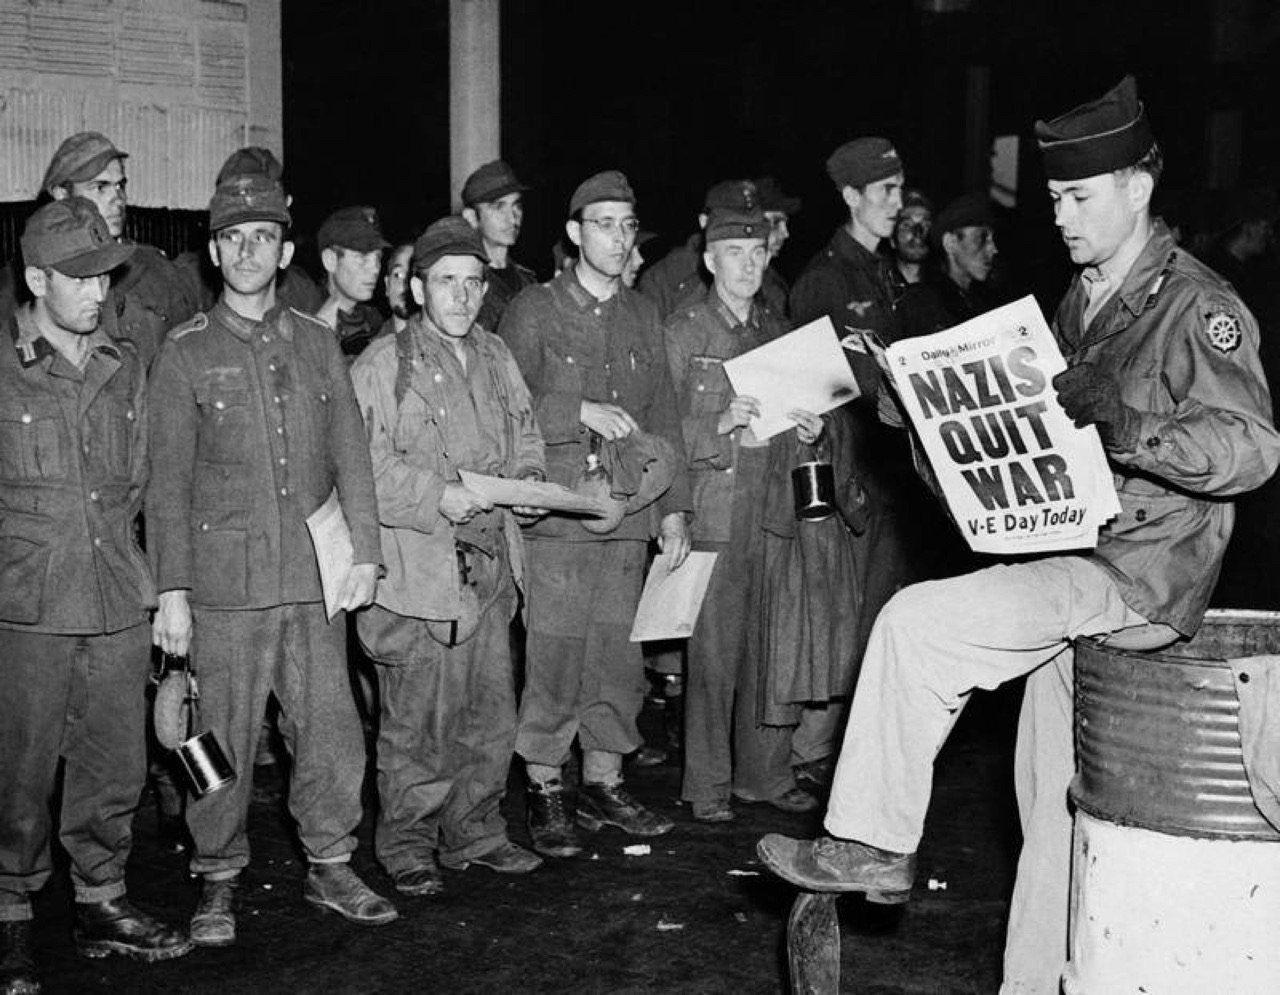 Рядовой Кларенс Айерс зачитывает новость о капитуляции фашистской Германии новоприбывшим немецким военнопленным. 8 мая, 1945 год